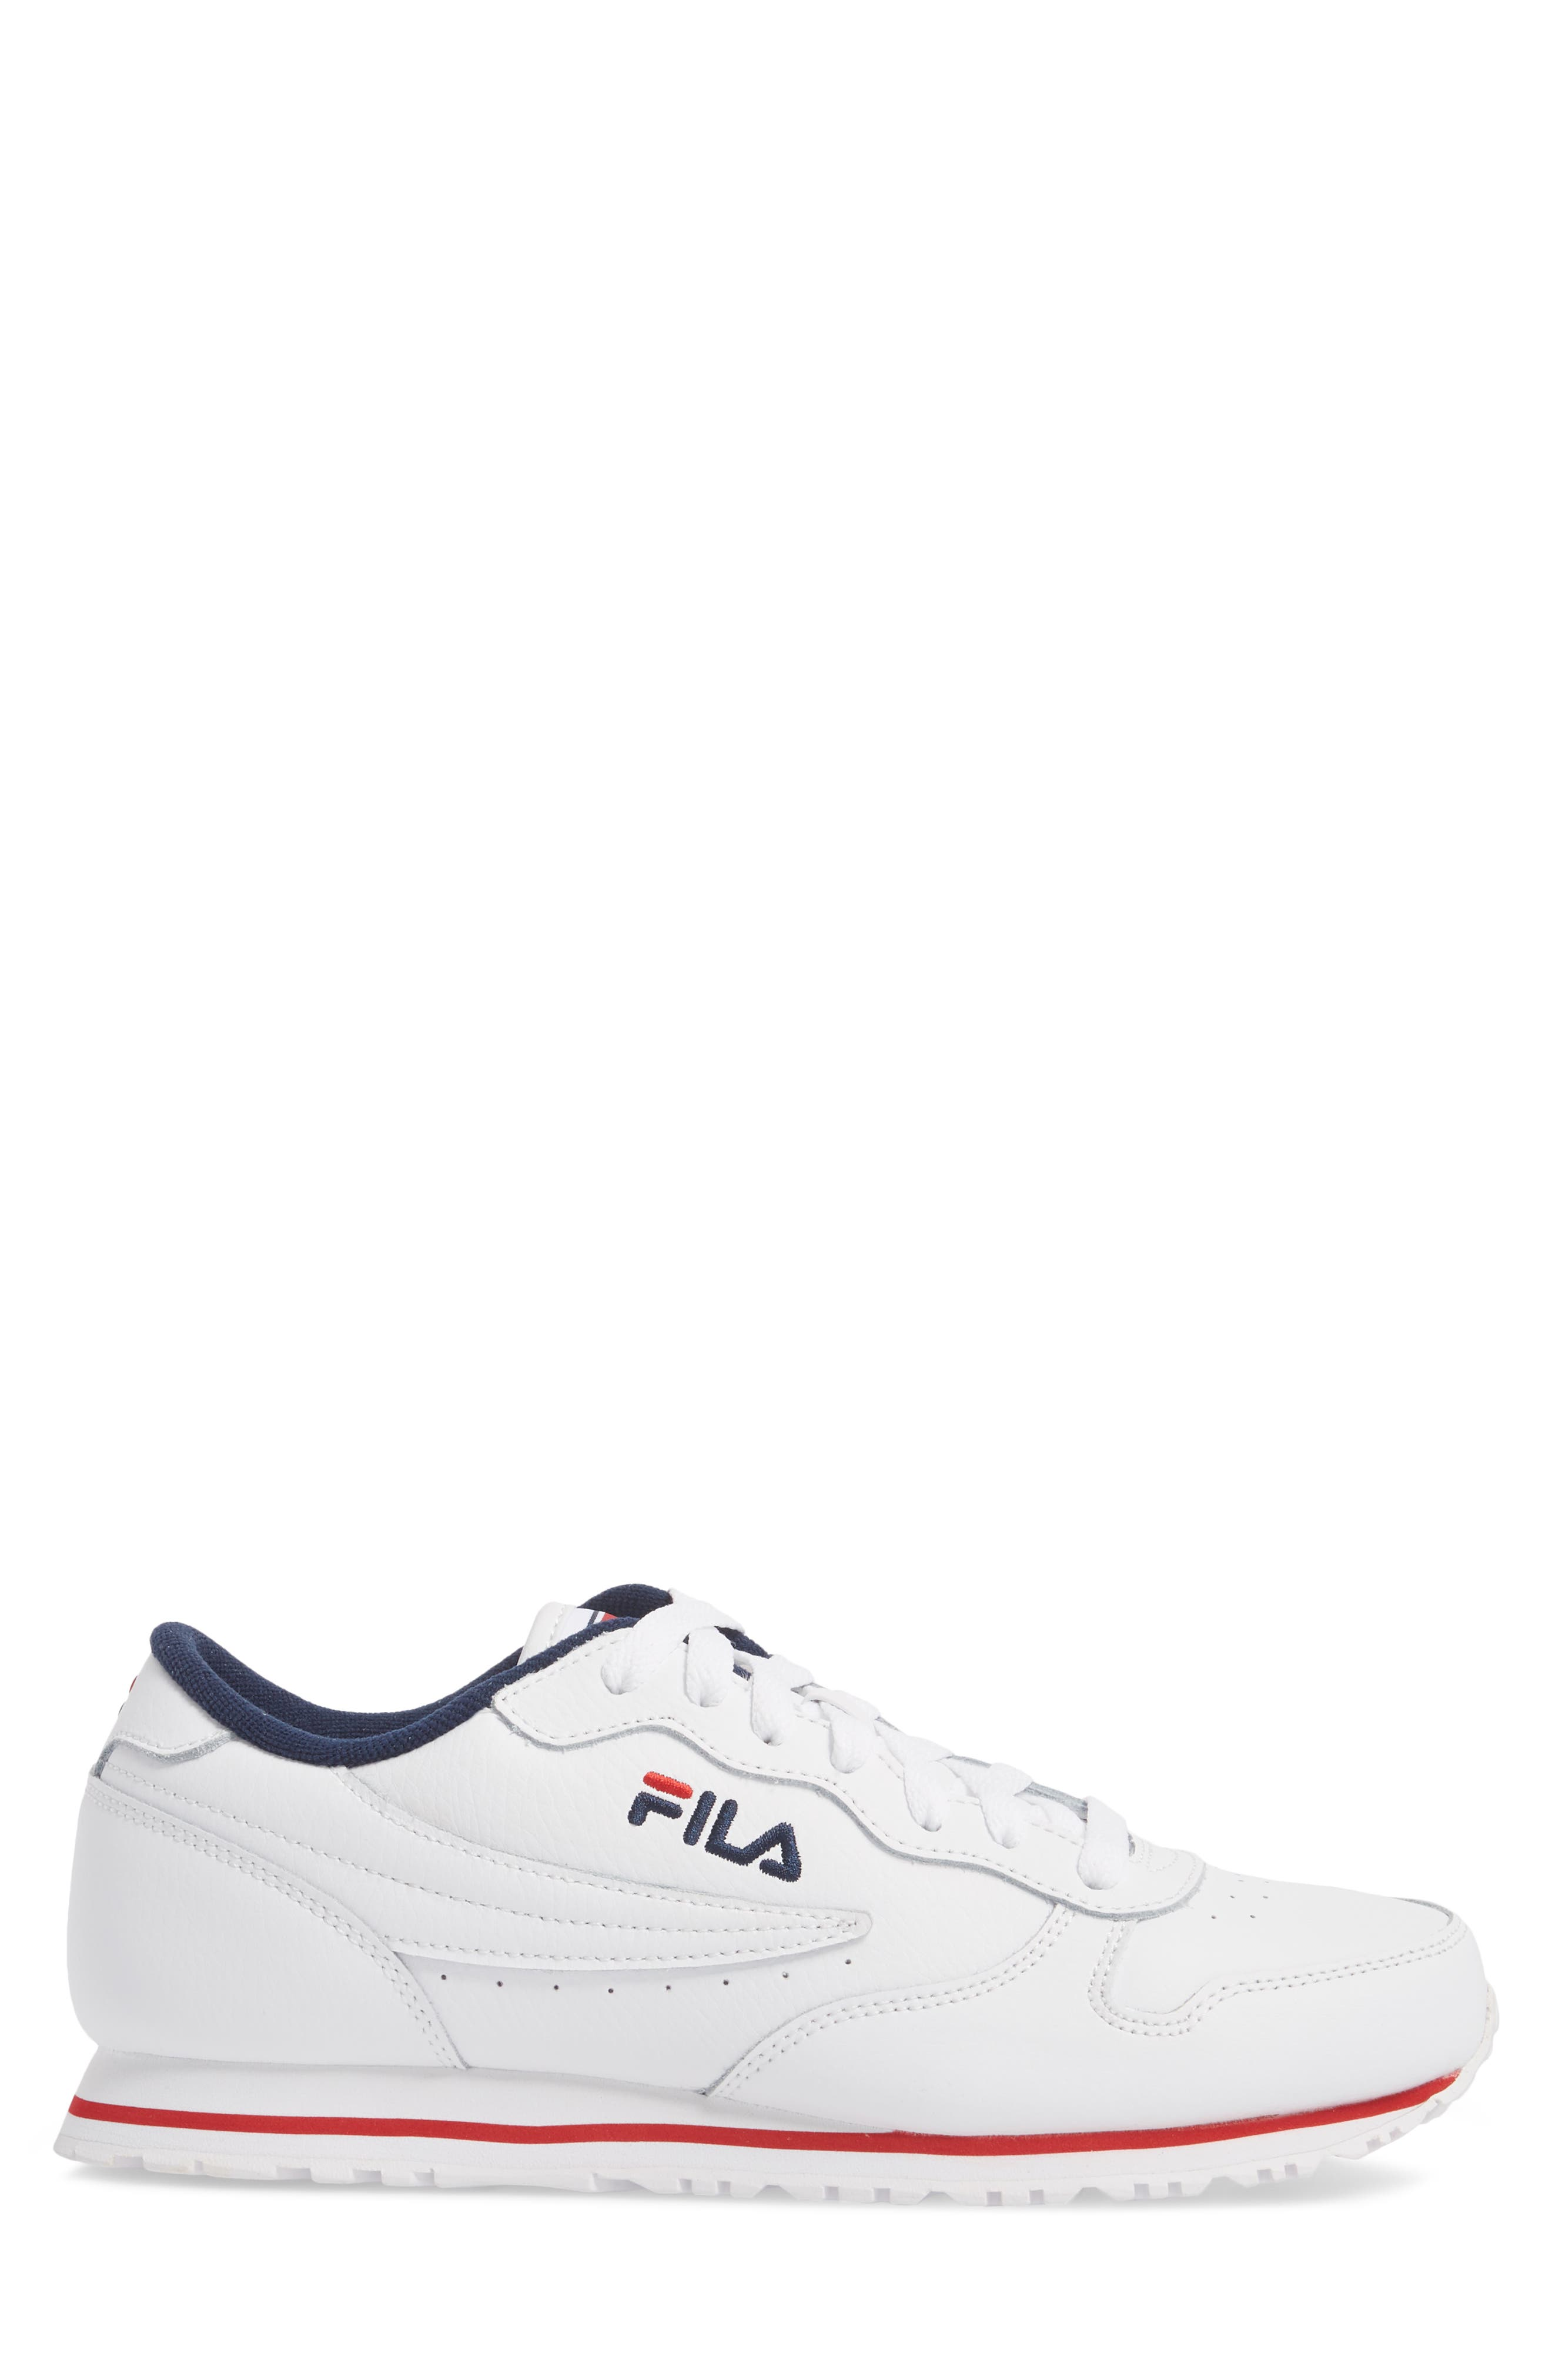 Euro Jogger Sneaker,                             Alternate thumbnail 3, color,                             White/ Navy/ Red